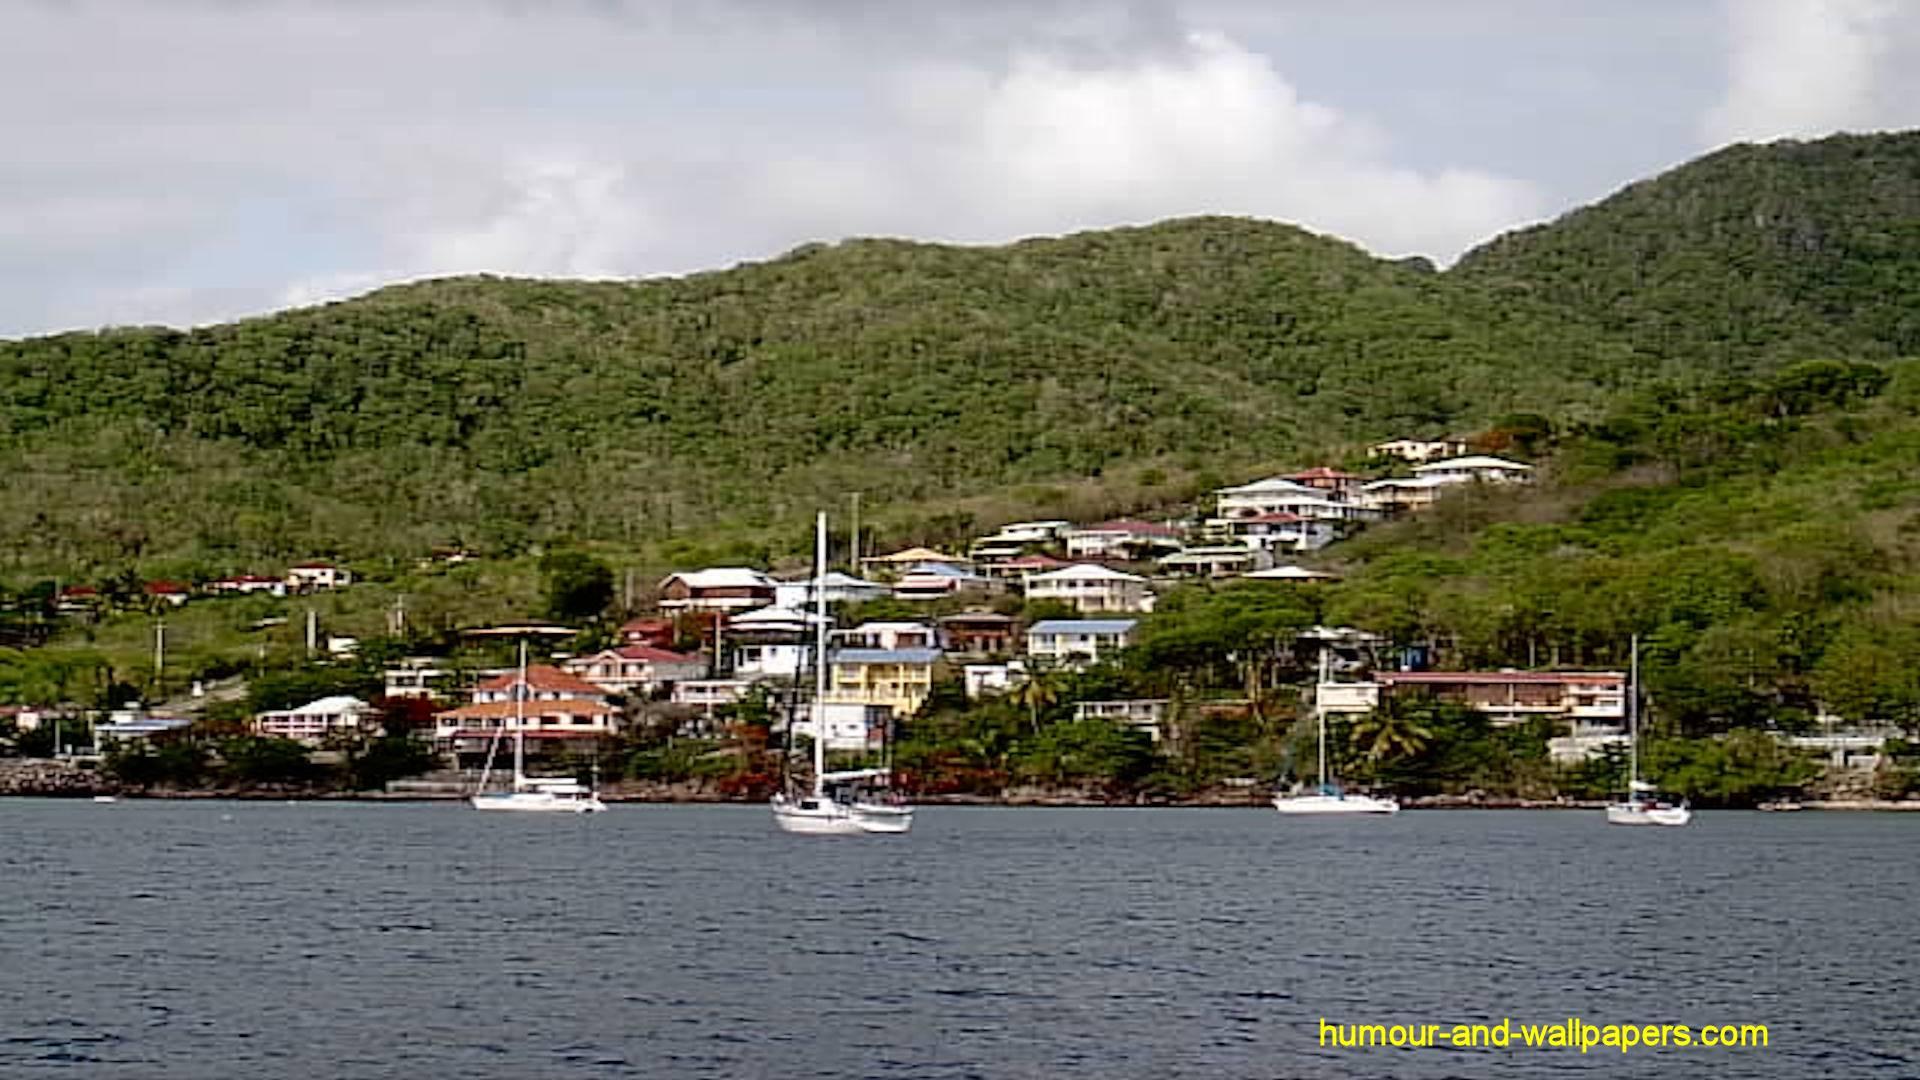 Martinique Ecran wallpapers HD   190177 1920x1080